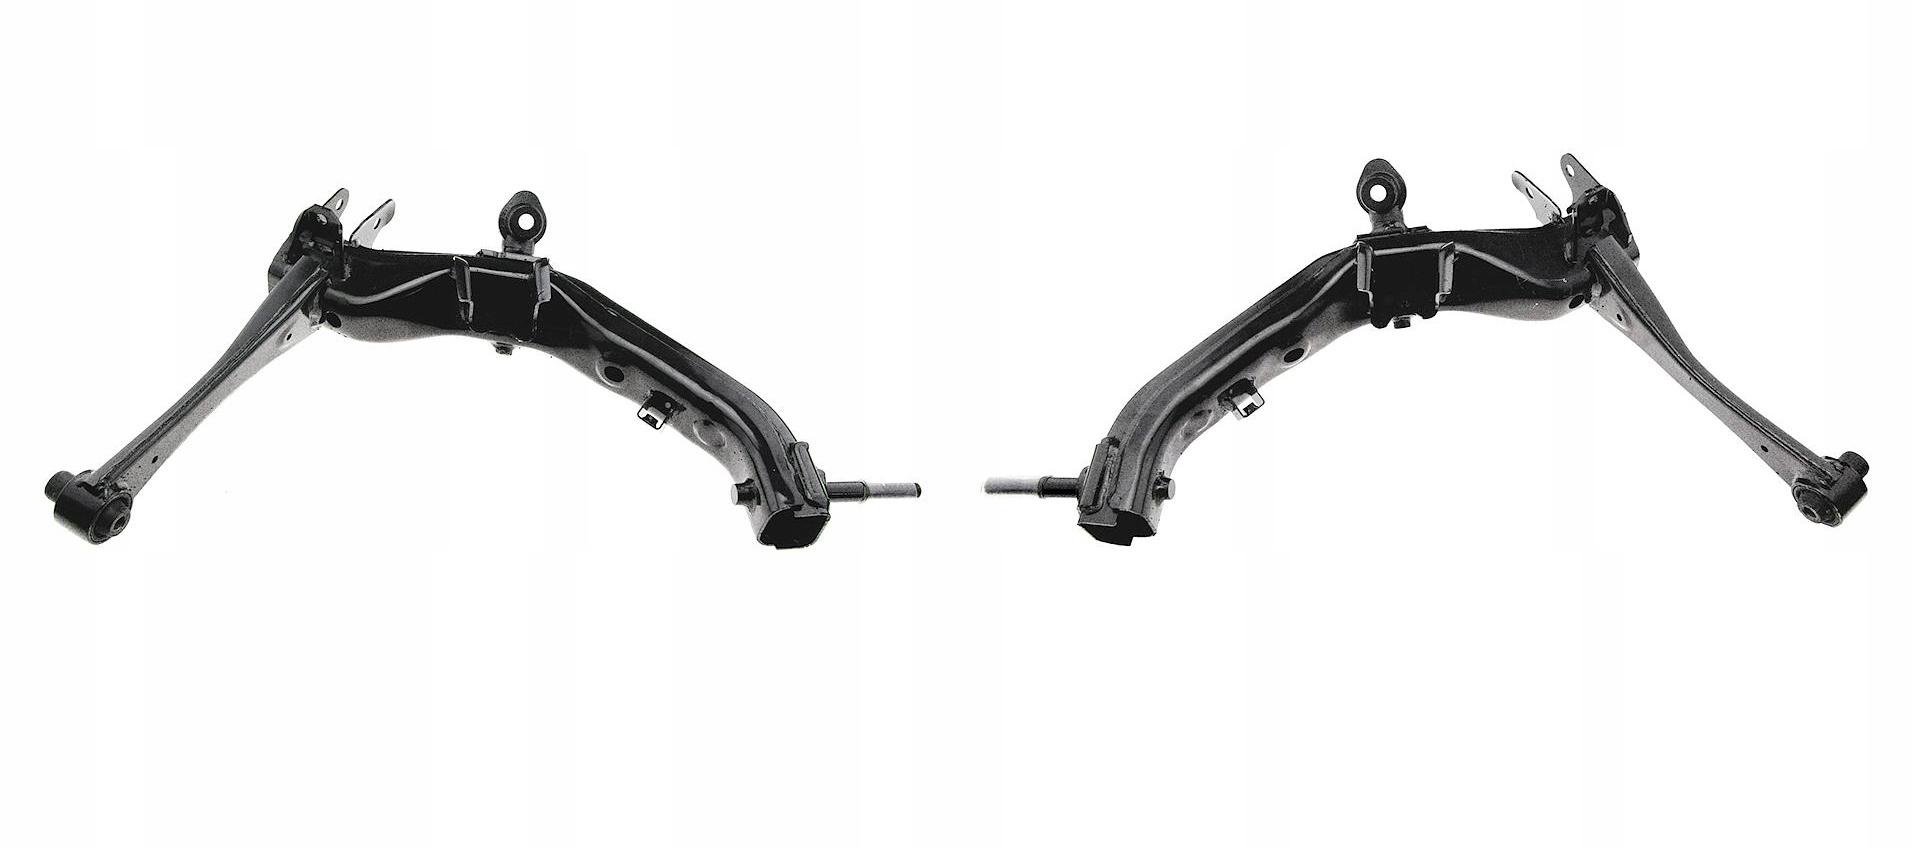 рычаг независимой подвески колеса сзади левый + правый toyota avensis t25 03-